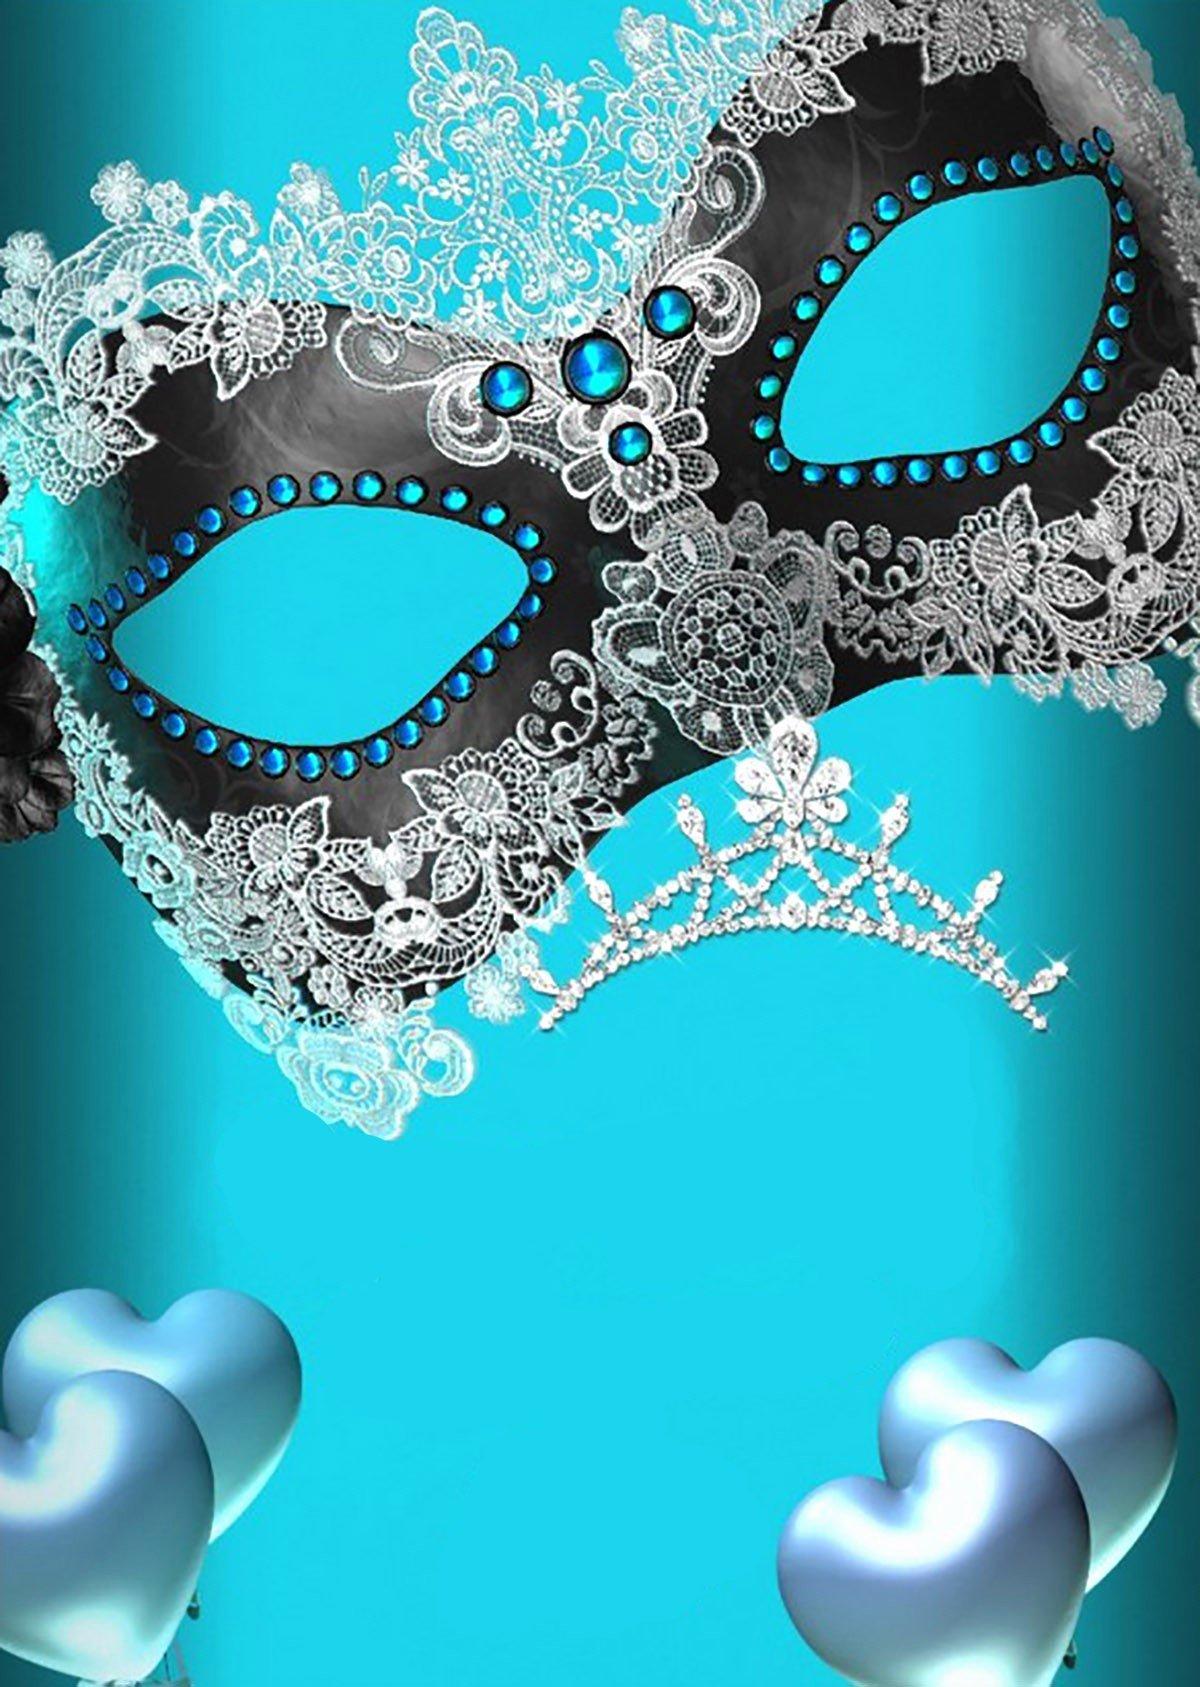 Masquerade Invitations Template Free Inspirational Free Printable Masquerade Invitation Templates